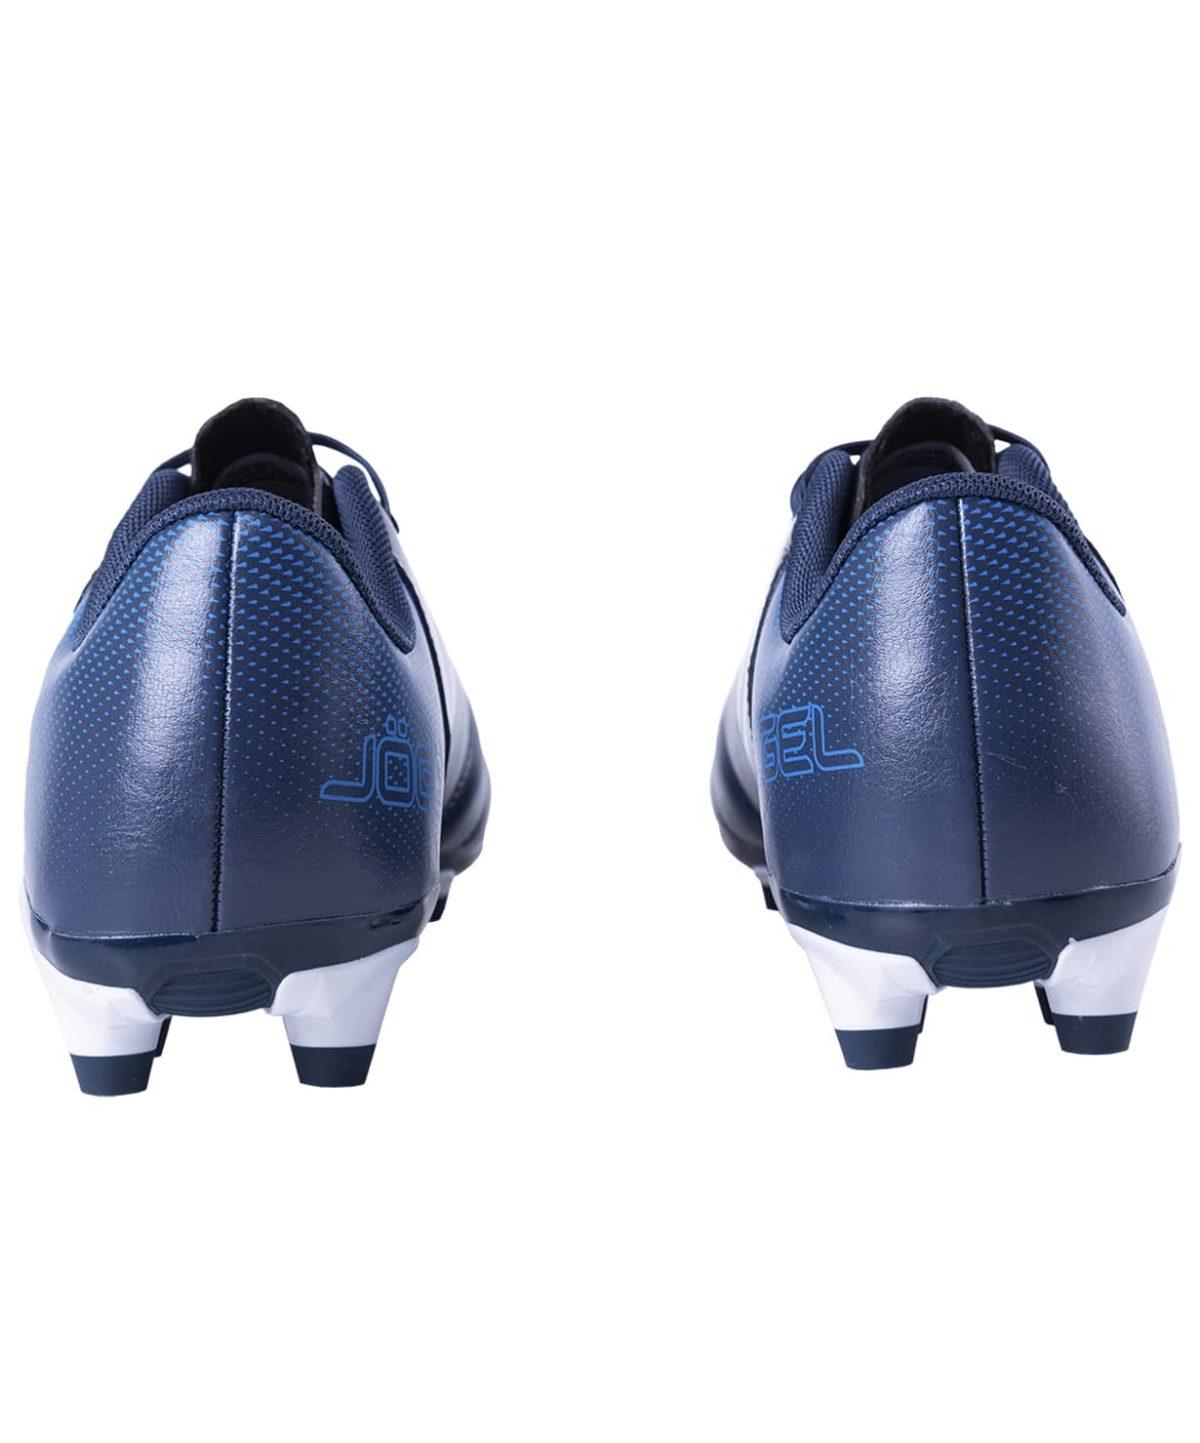 JOGEL Бутсы футбольные Mondo (34-38)  JSH402-Y: темно-синий - 4